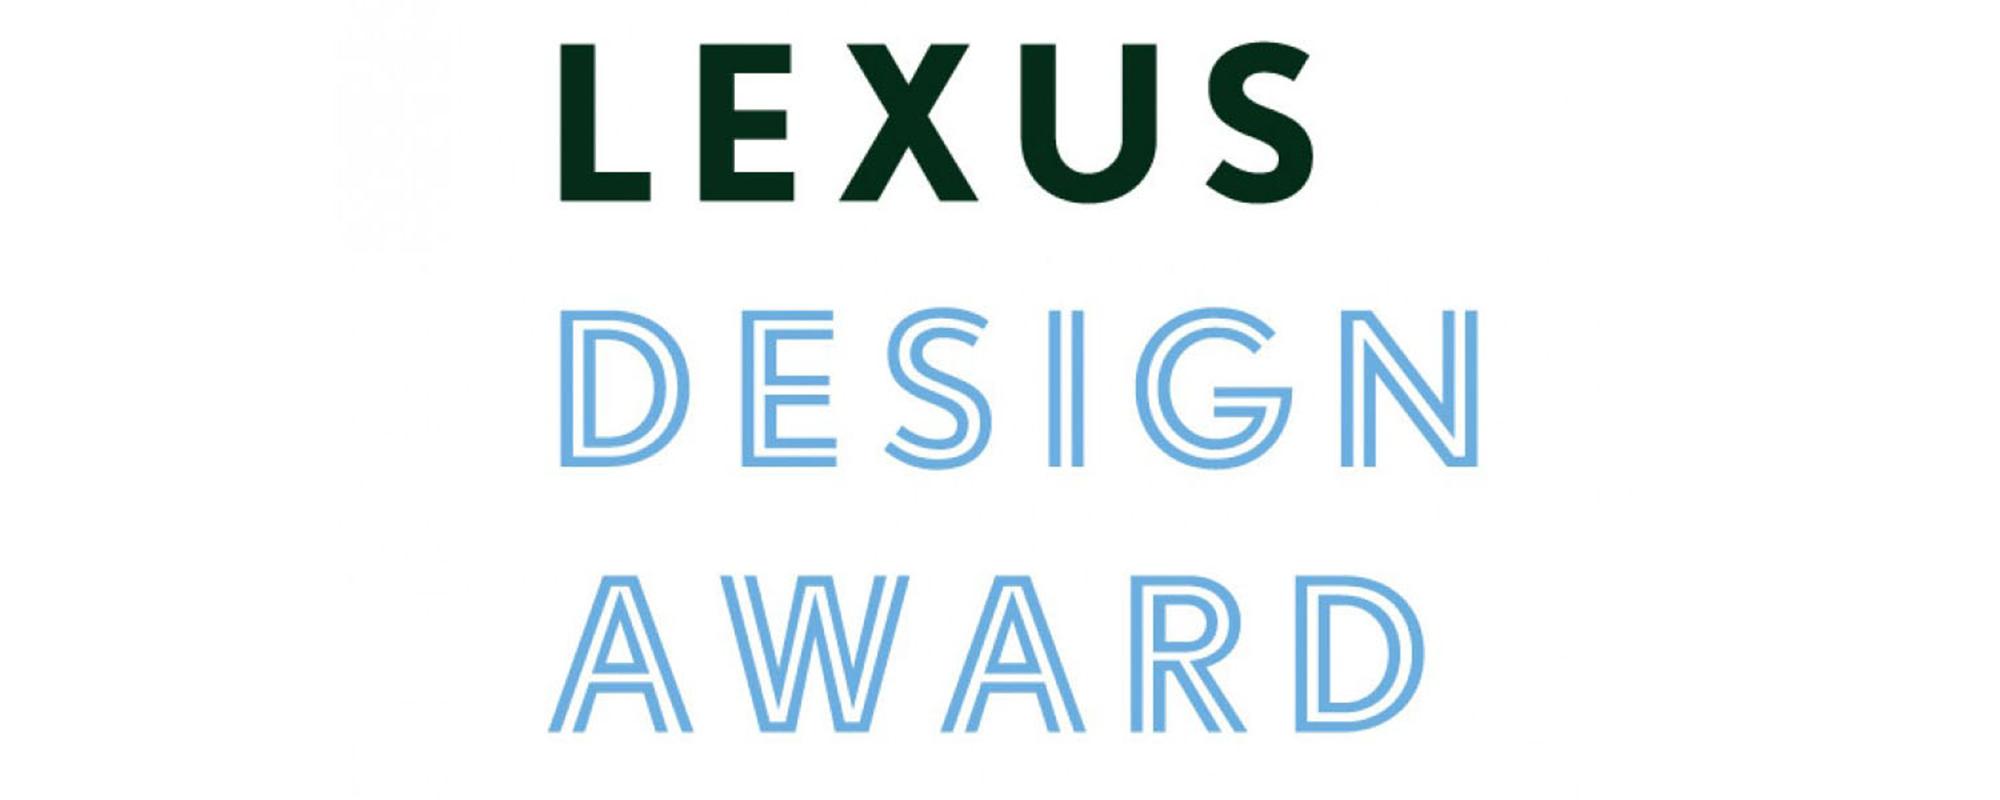 Designwedstrijd Lexus voor jonge ontwerpers